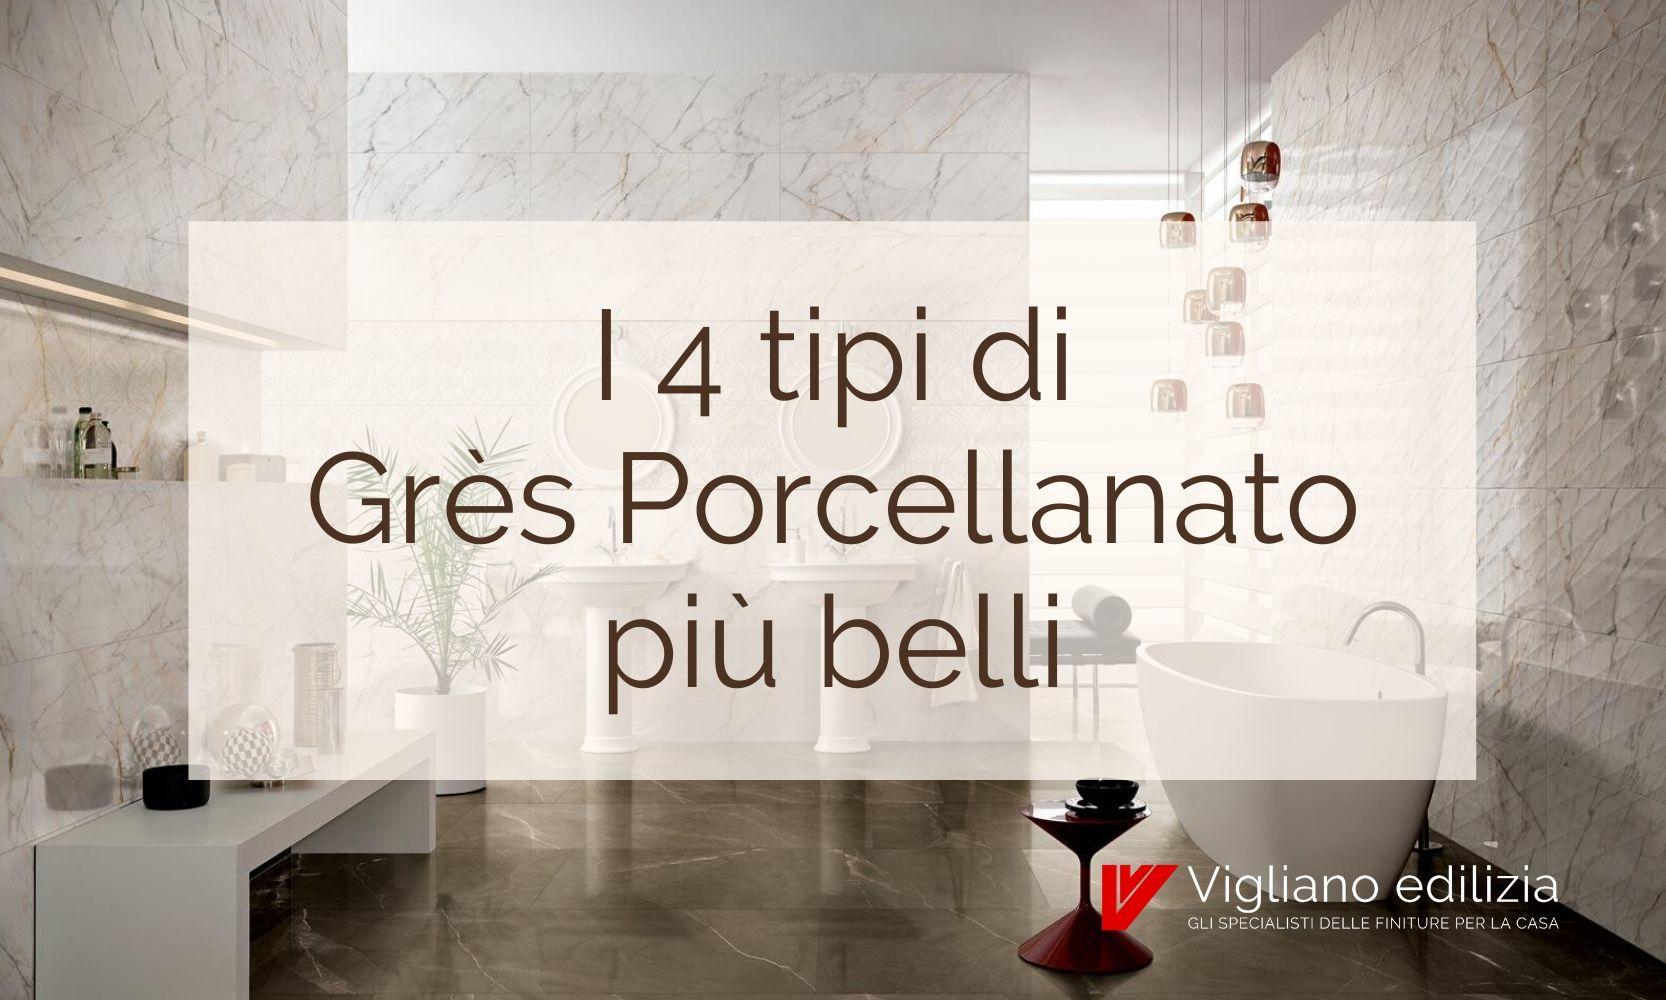 Gres Porcellanato Smaltato Caratteristiche i 4 tipi di grès porcellanato più belli - vigliano edilizia